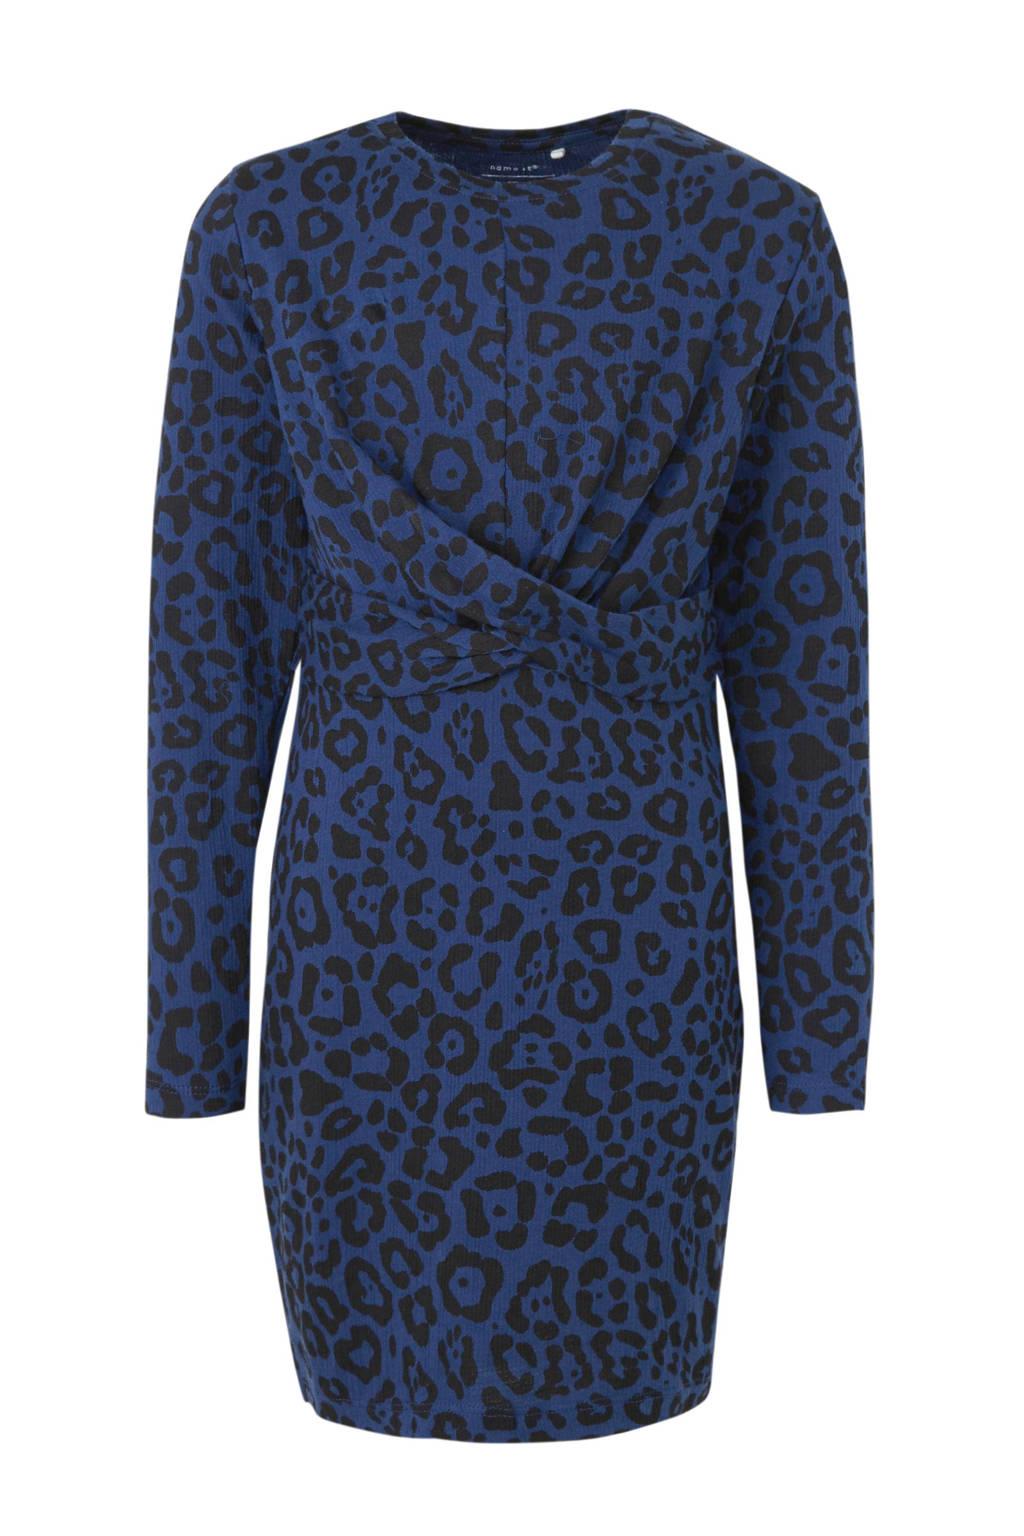 NAME IT KIDS jersey jurk met panterprint donkerblauw/zwart, Donkerblauw/zwart